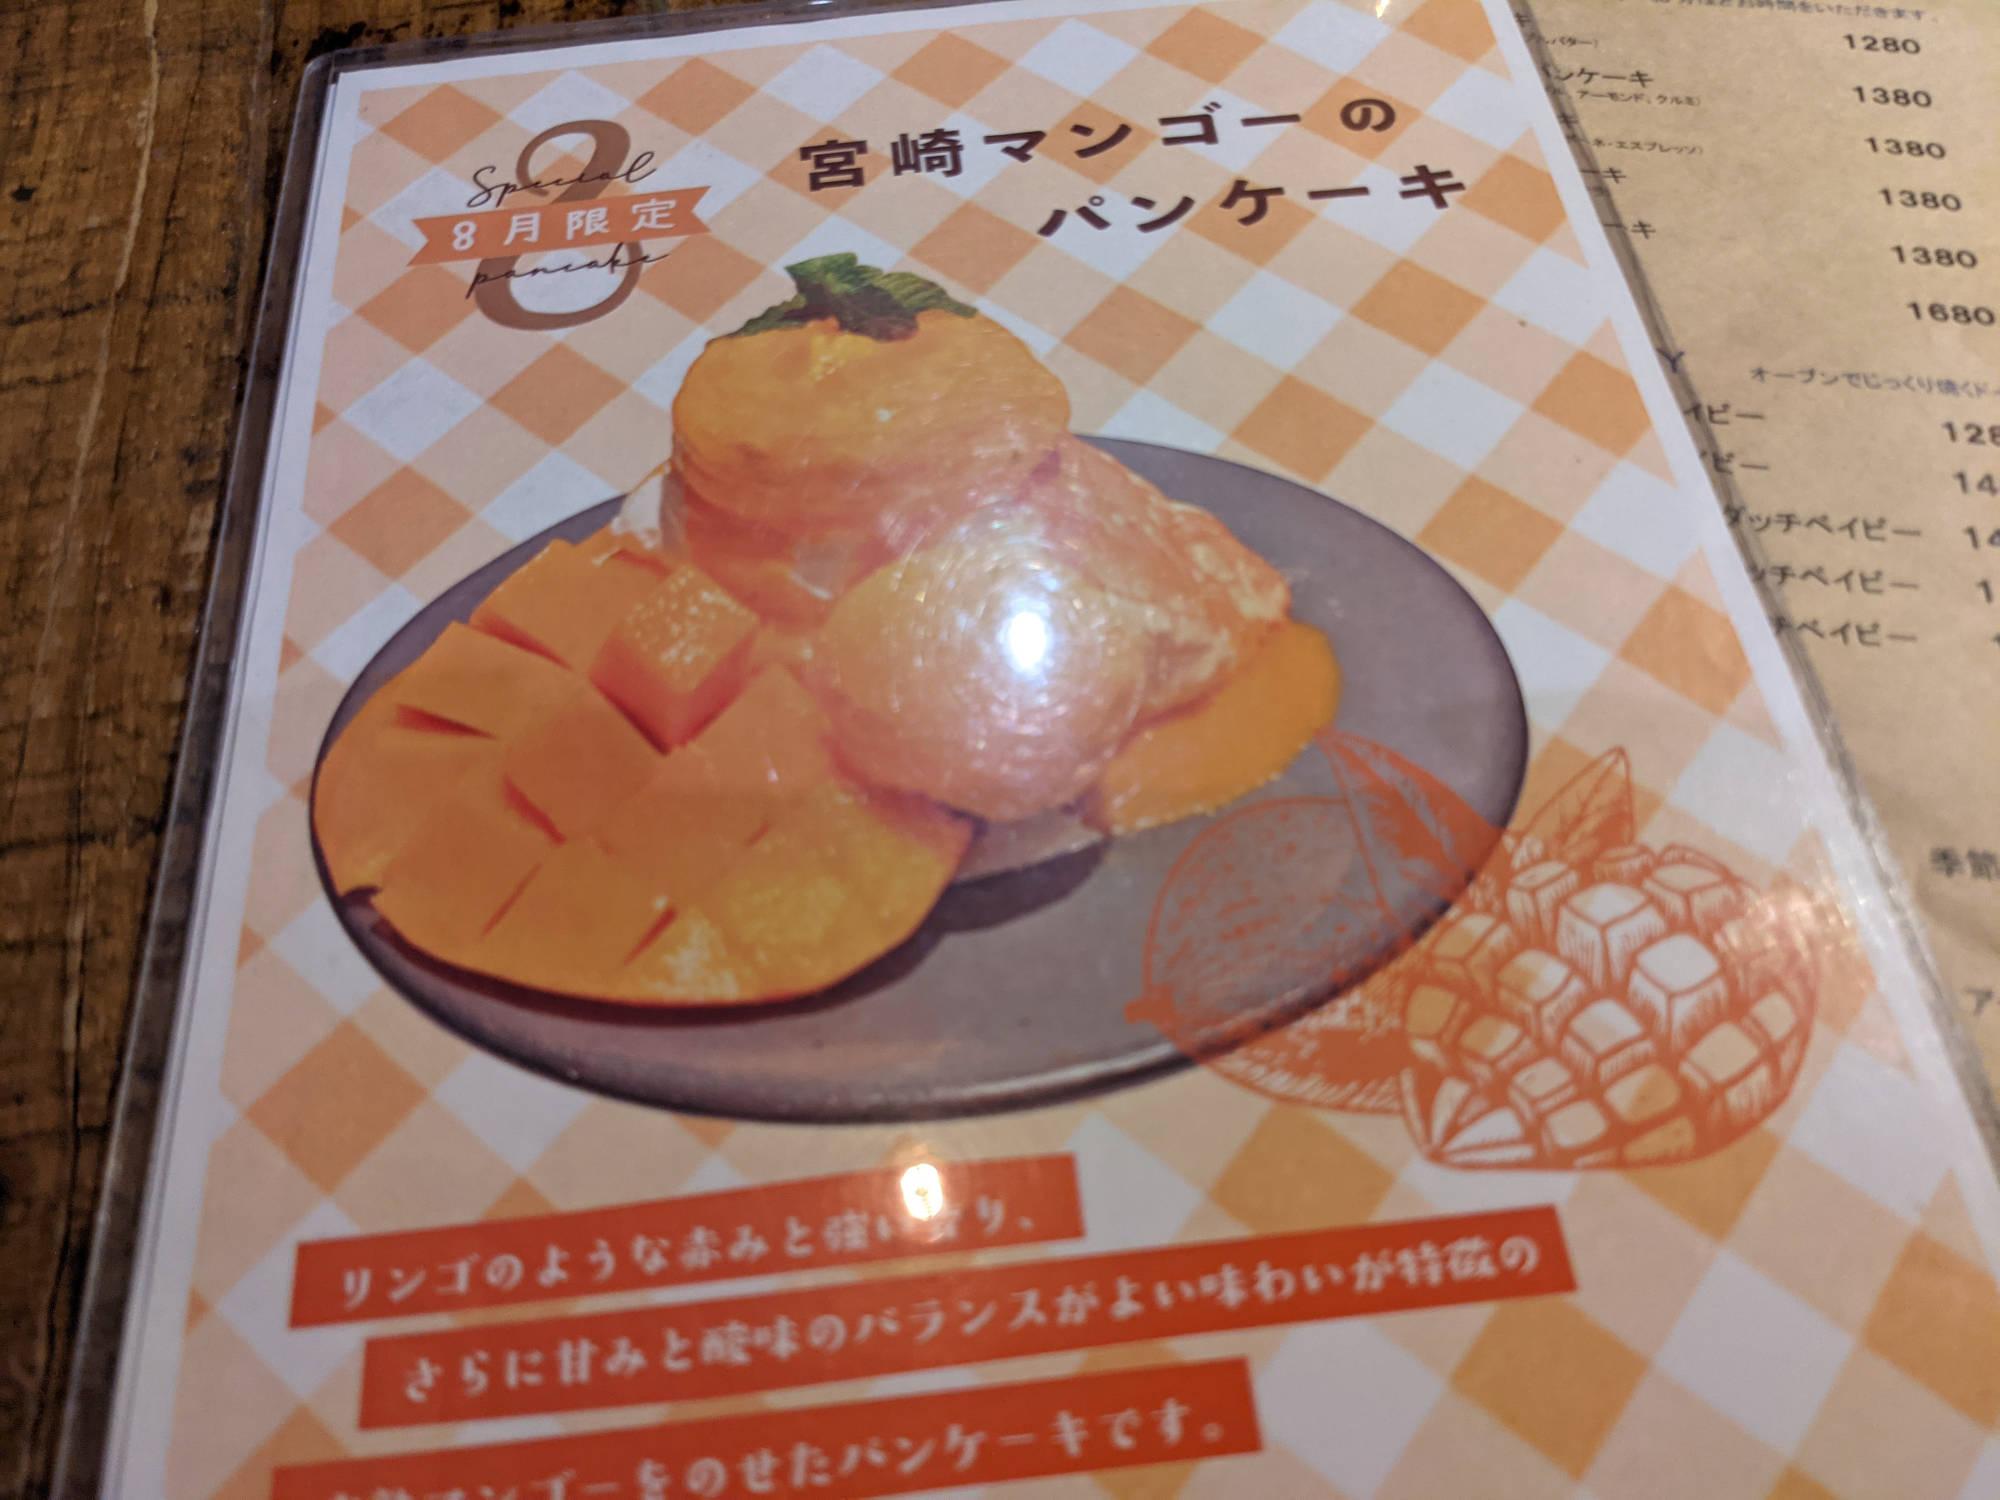 宮崎マンゴーのパンケーキ